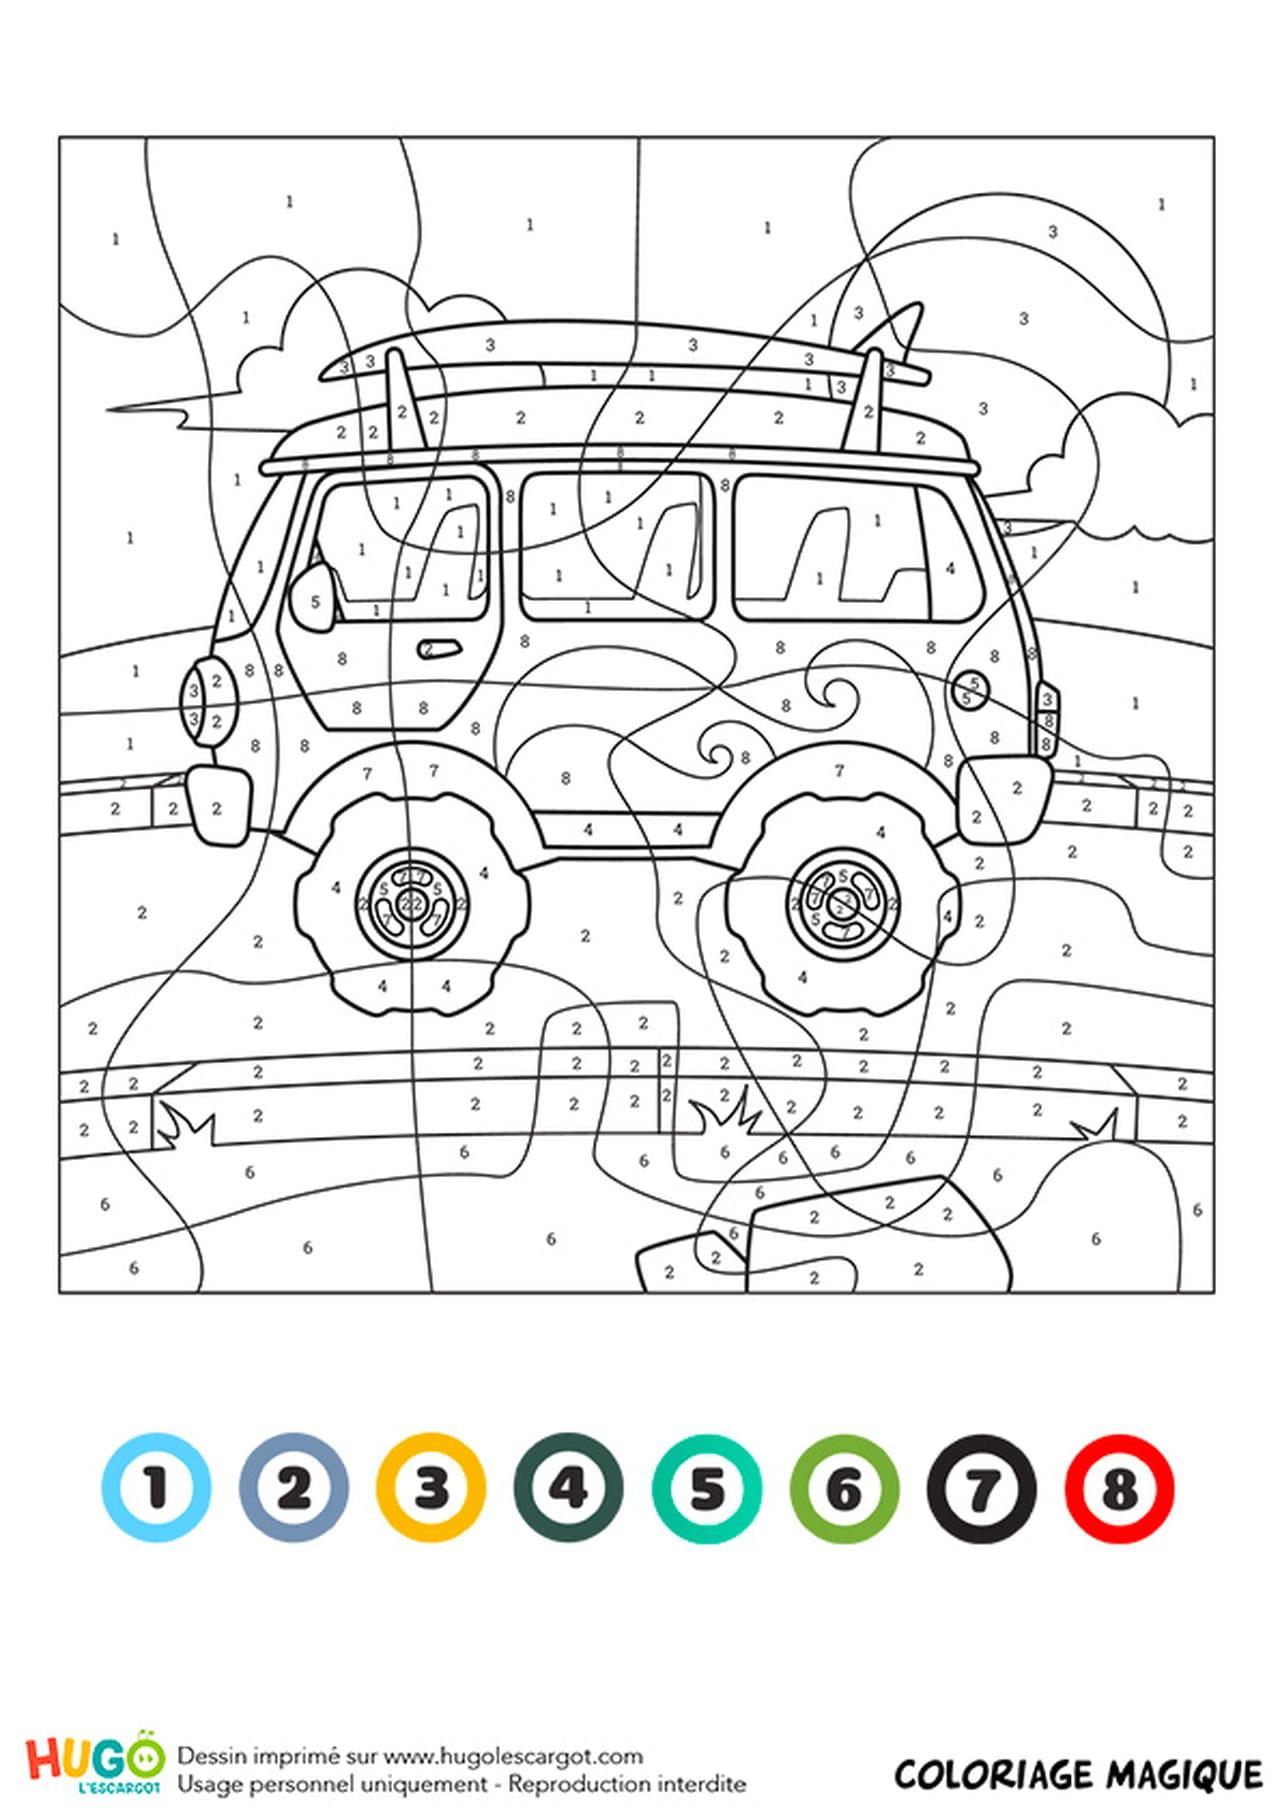 Beau dessin a colorier camping car - Dessin a colorier camping car gratuit ...